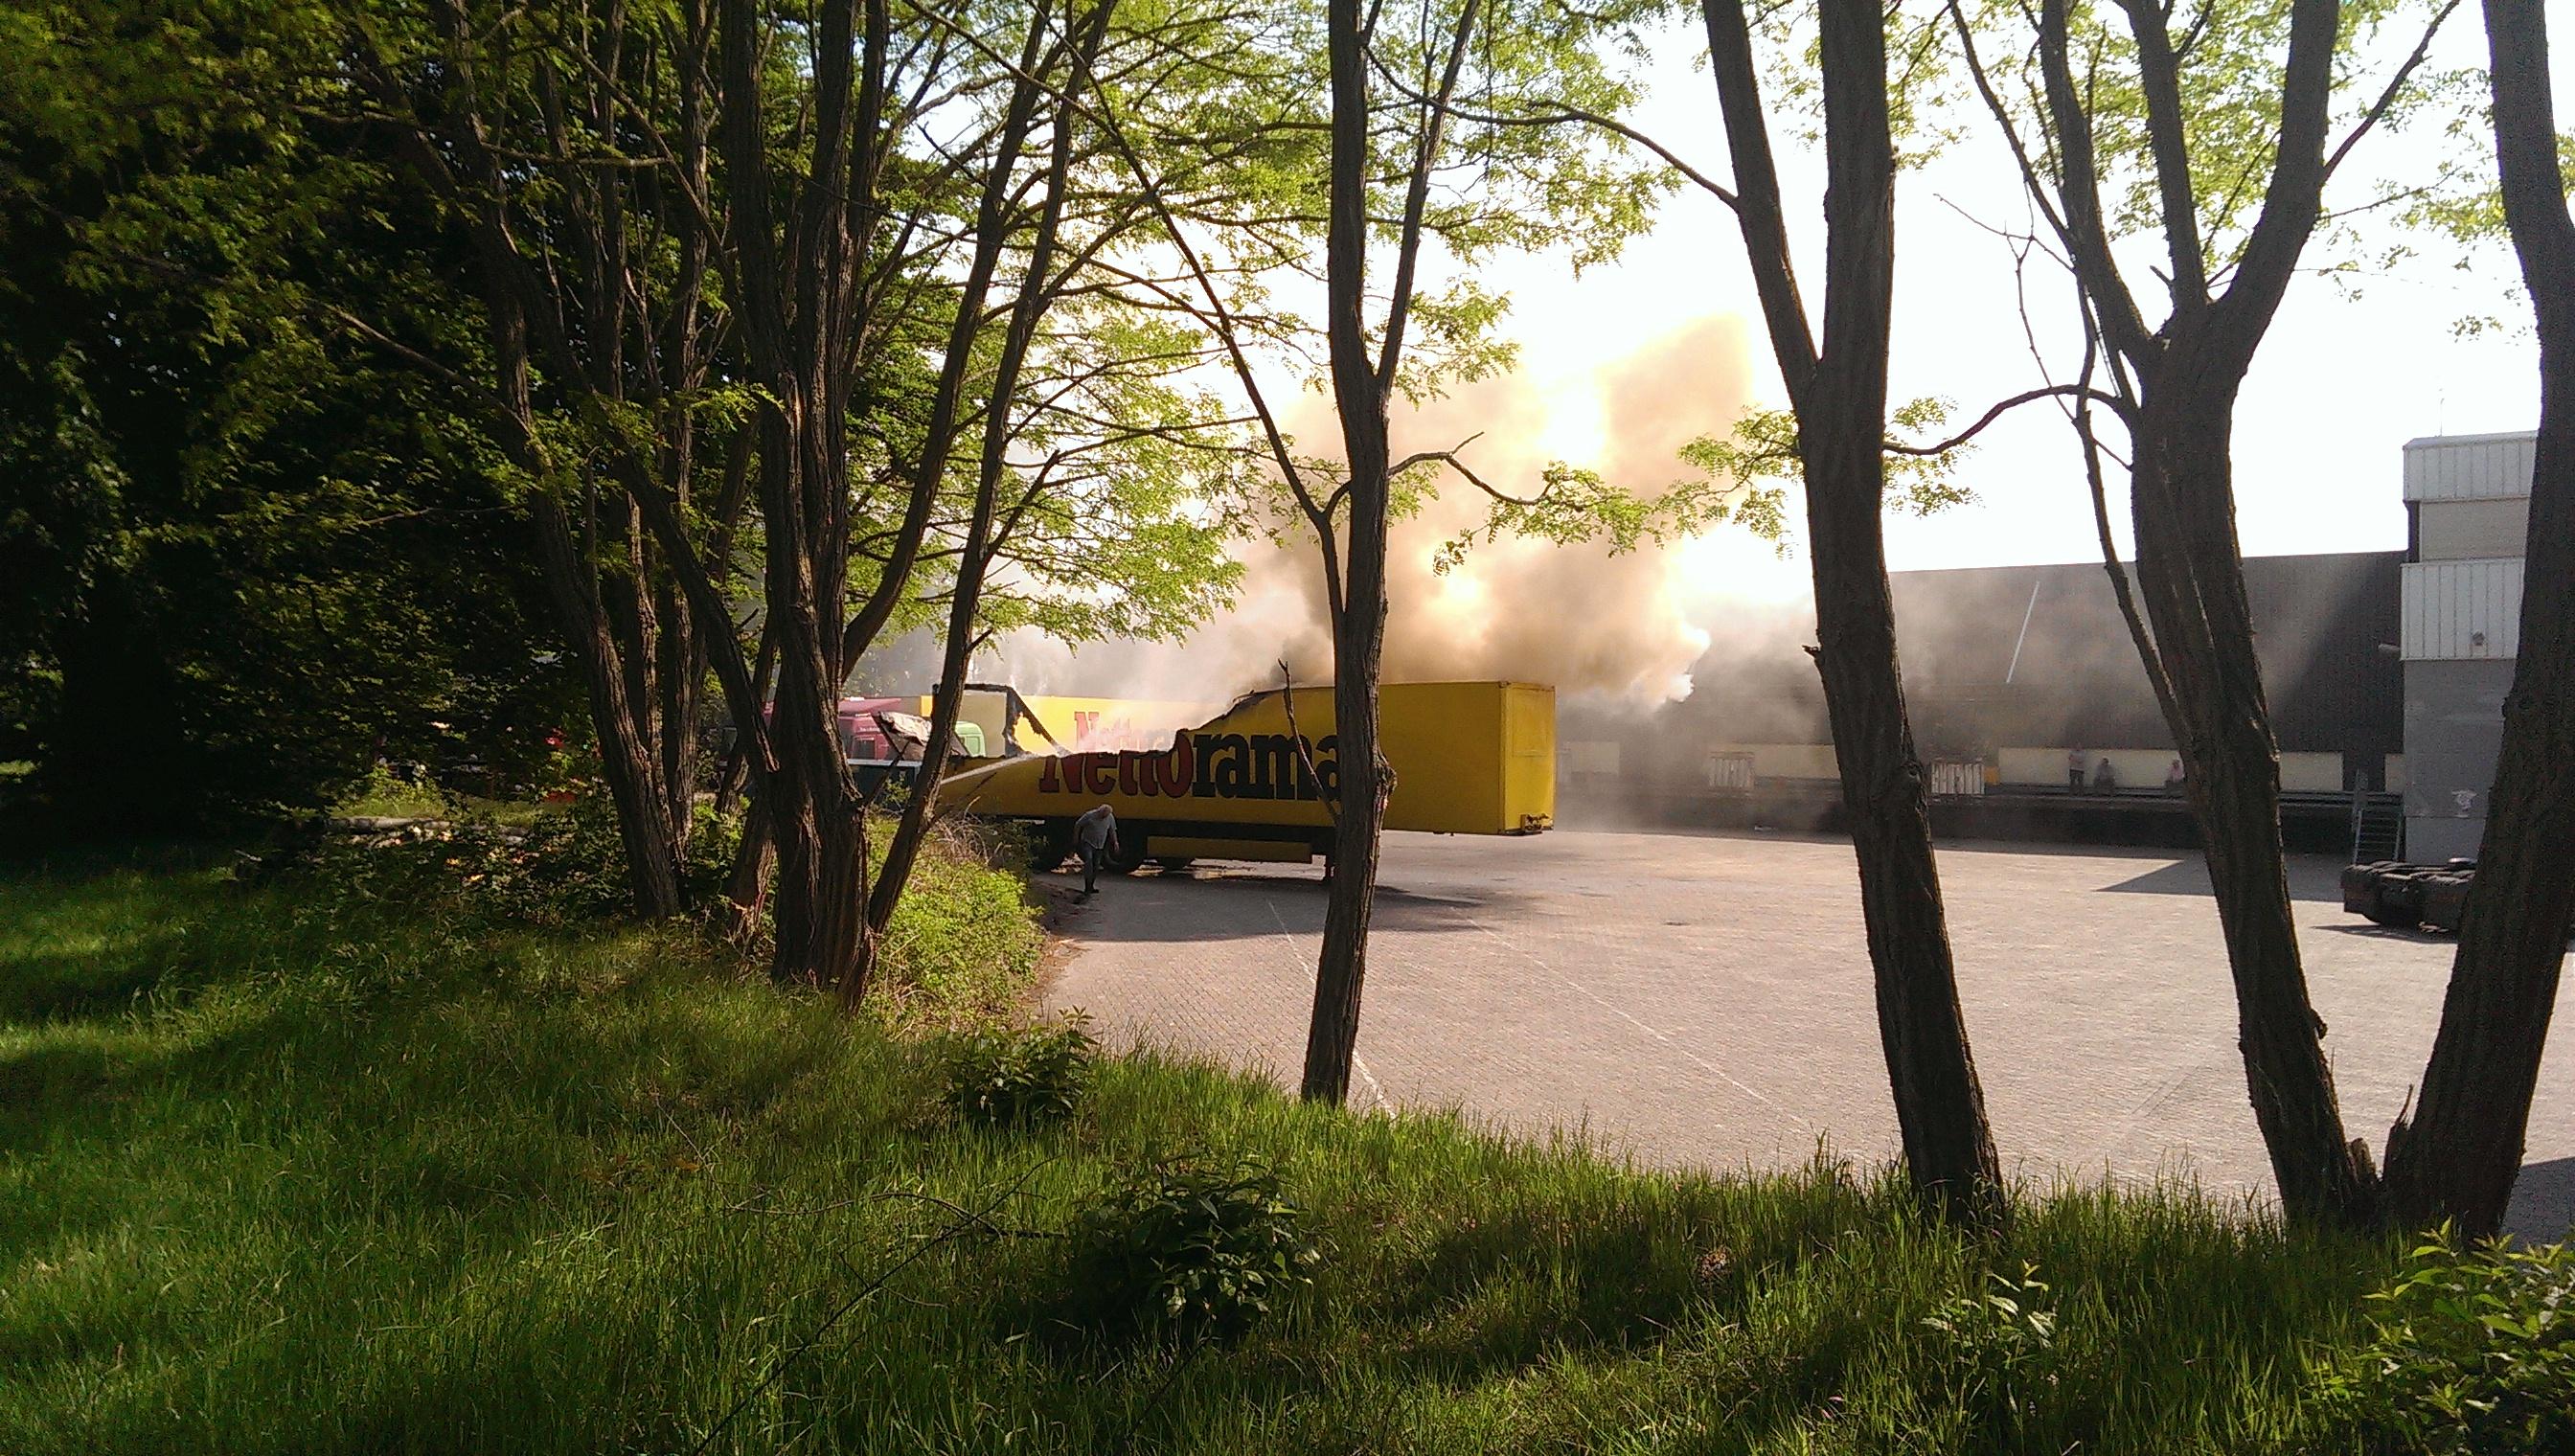 Nieuws: Brand legt oplegger Nettorama in de as bij distributiecentrum in Oosterhout